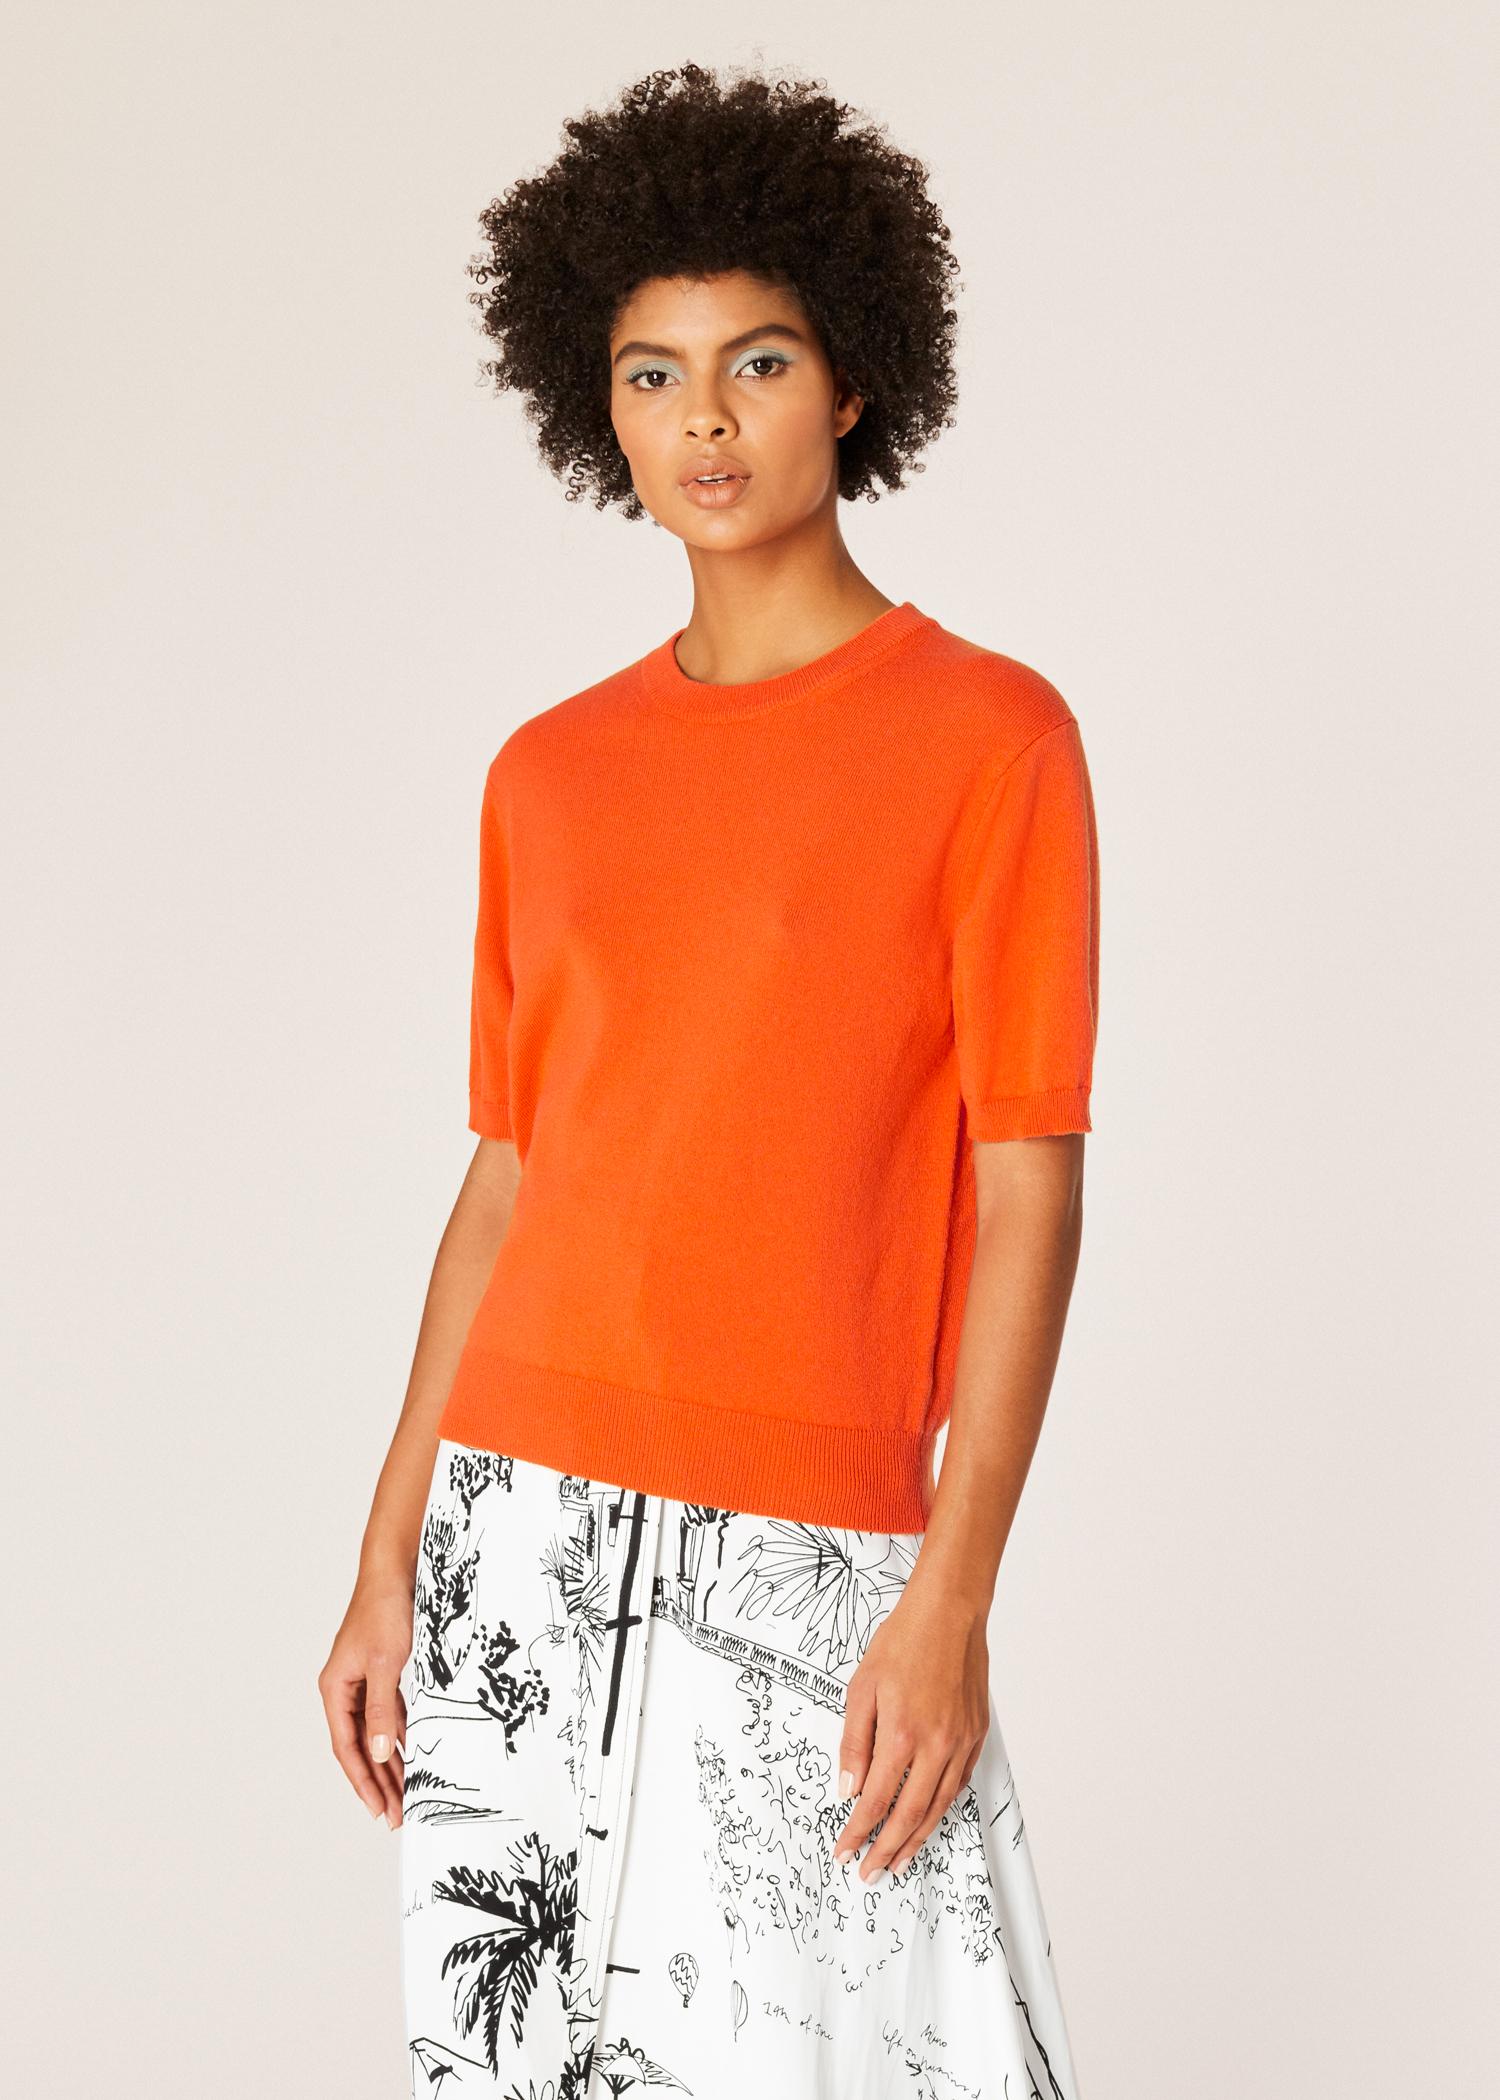 660c09bb7f8 Vue mannequin face zoom- Pull Femme Orange À Manches Courtes En Cachemire  Paul Smith